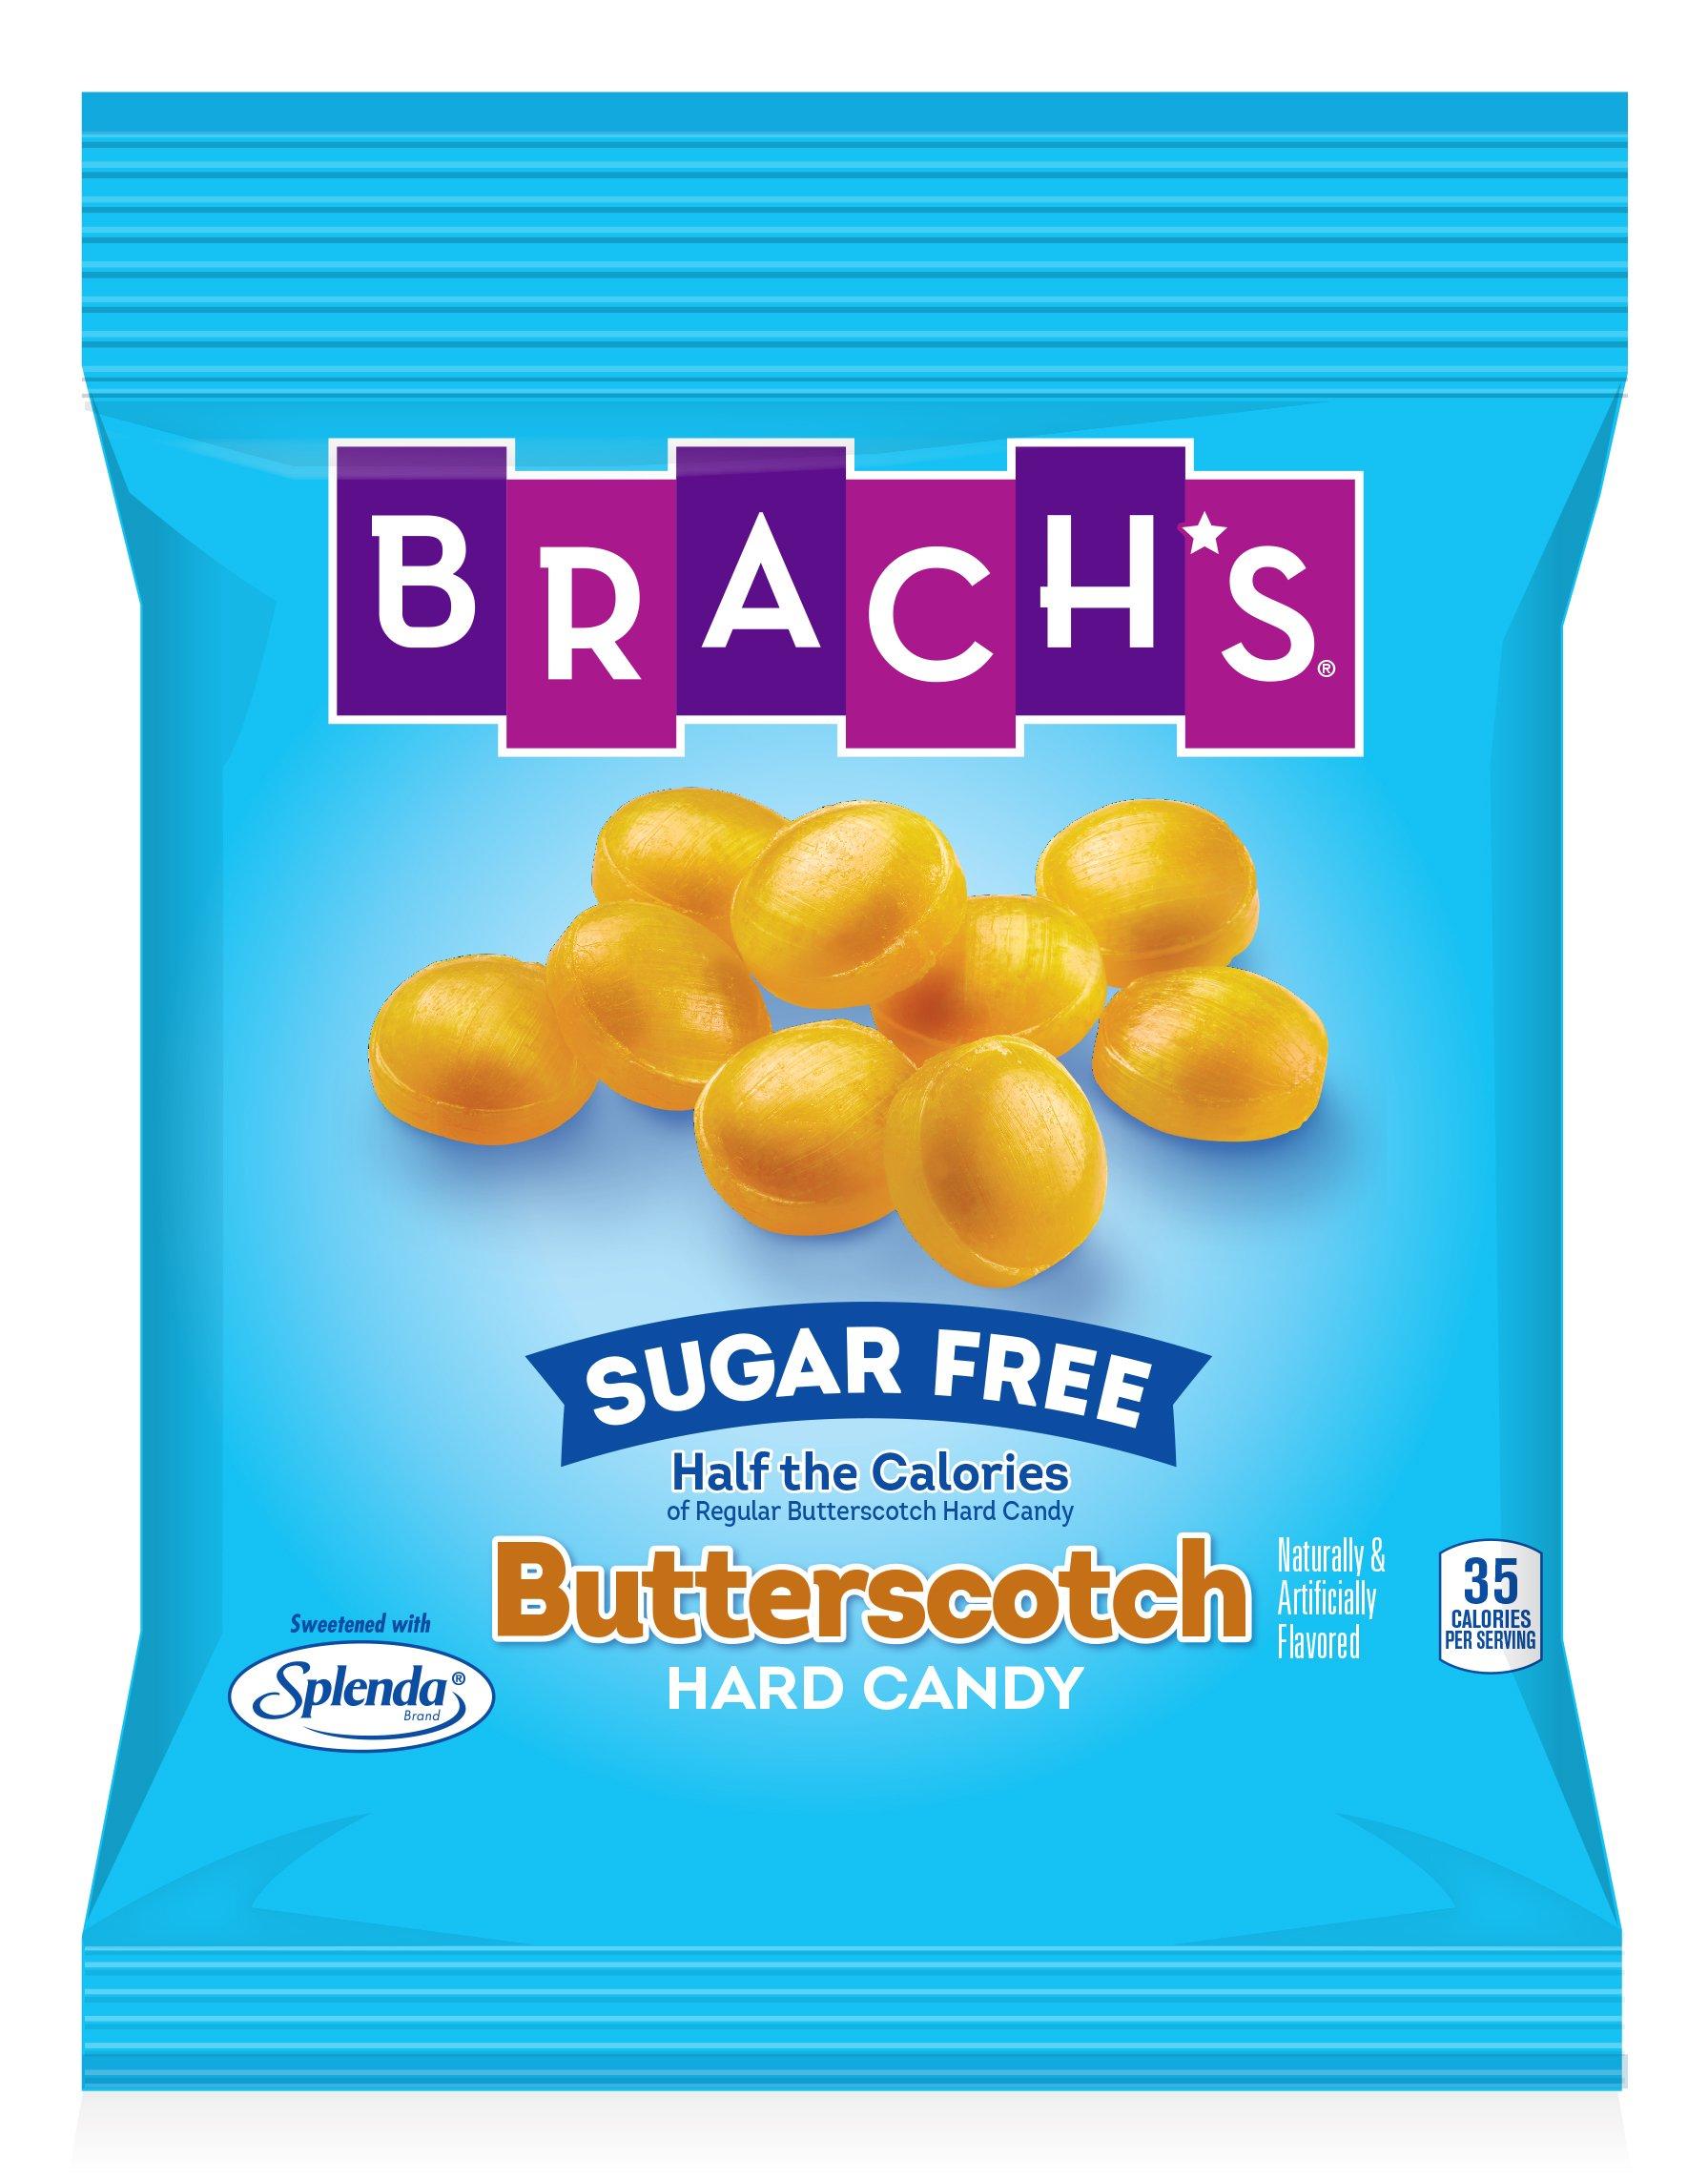 Brach's Sugar Free Butterscotch Hard Candy, 3.5 Ounce Peg Bag (Pack of 12) by Brach's